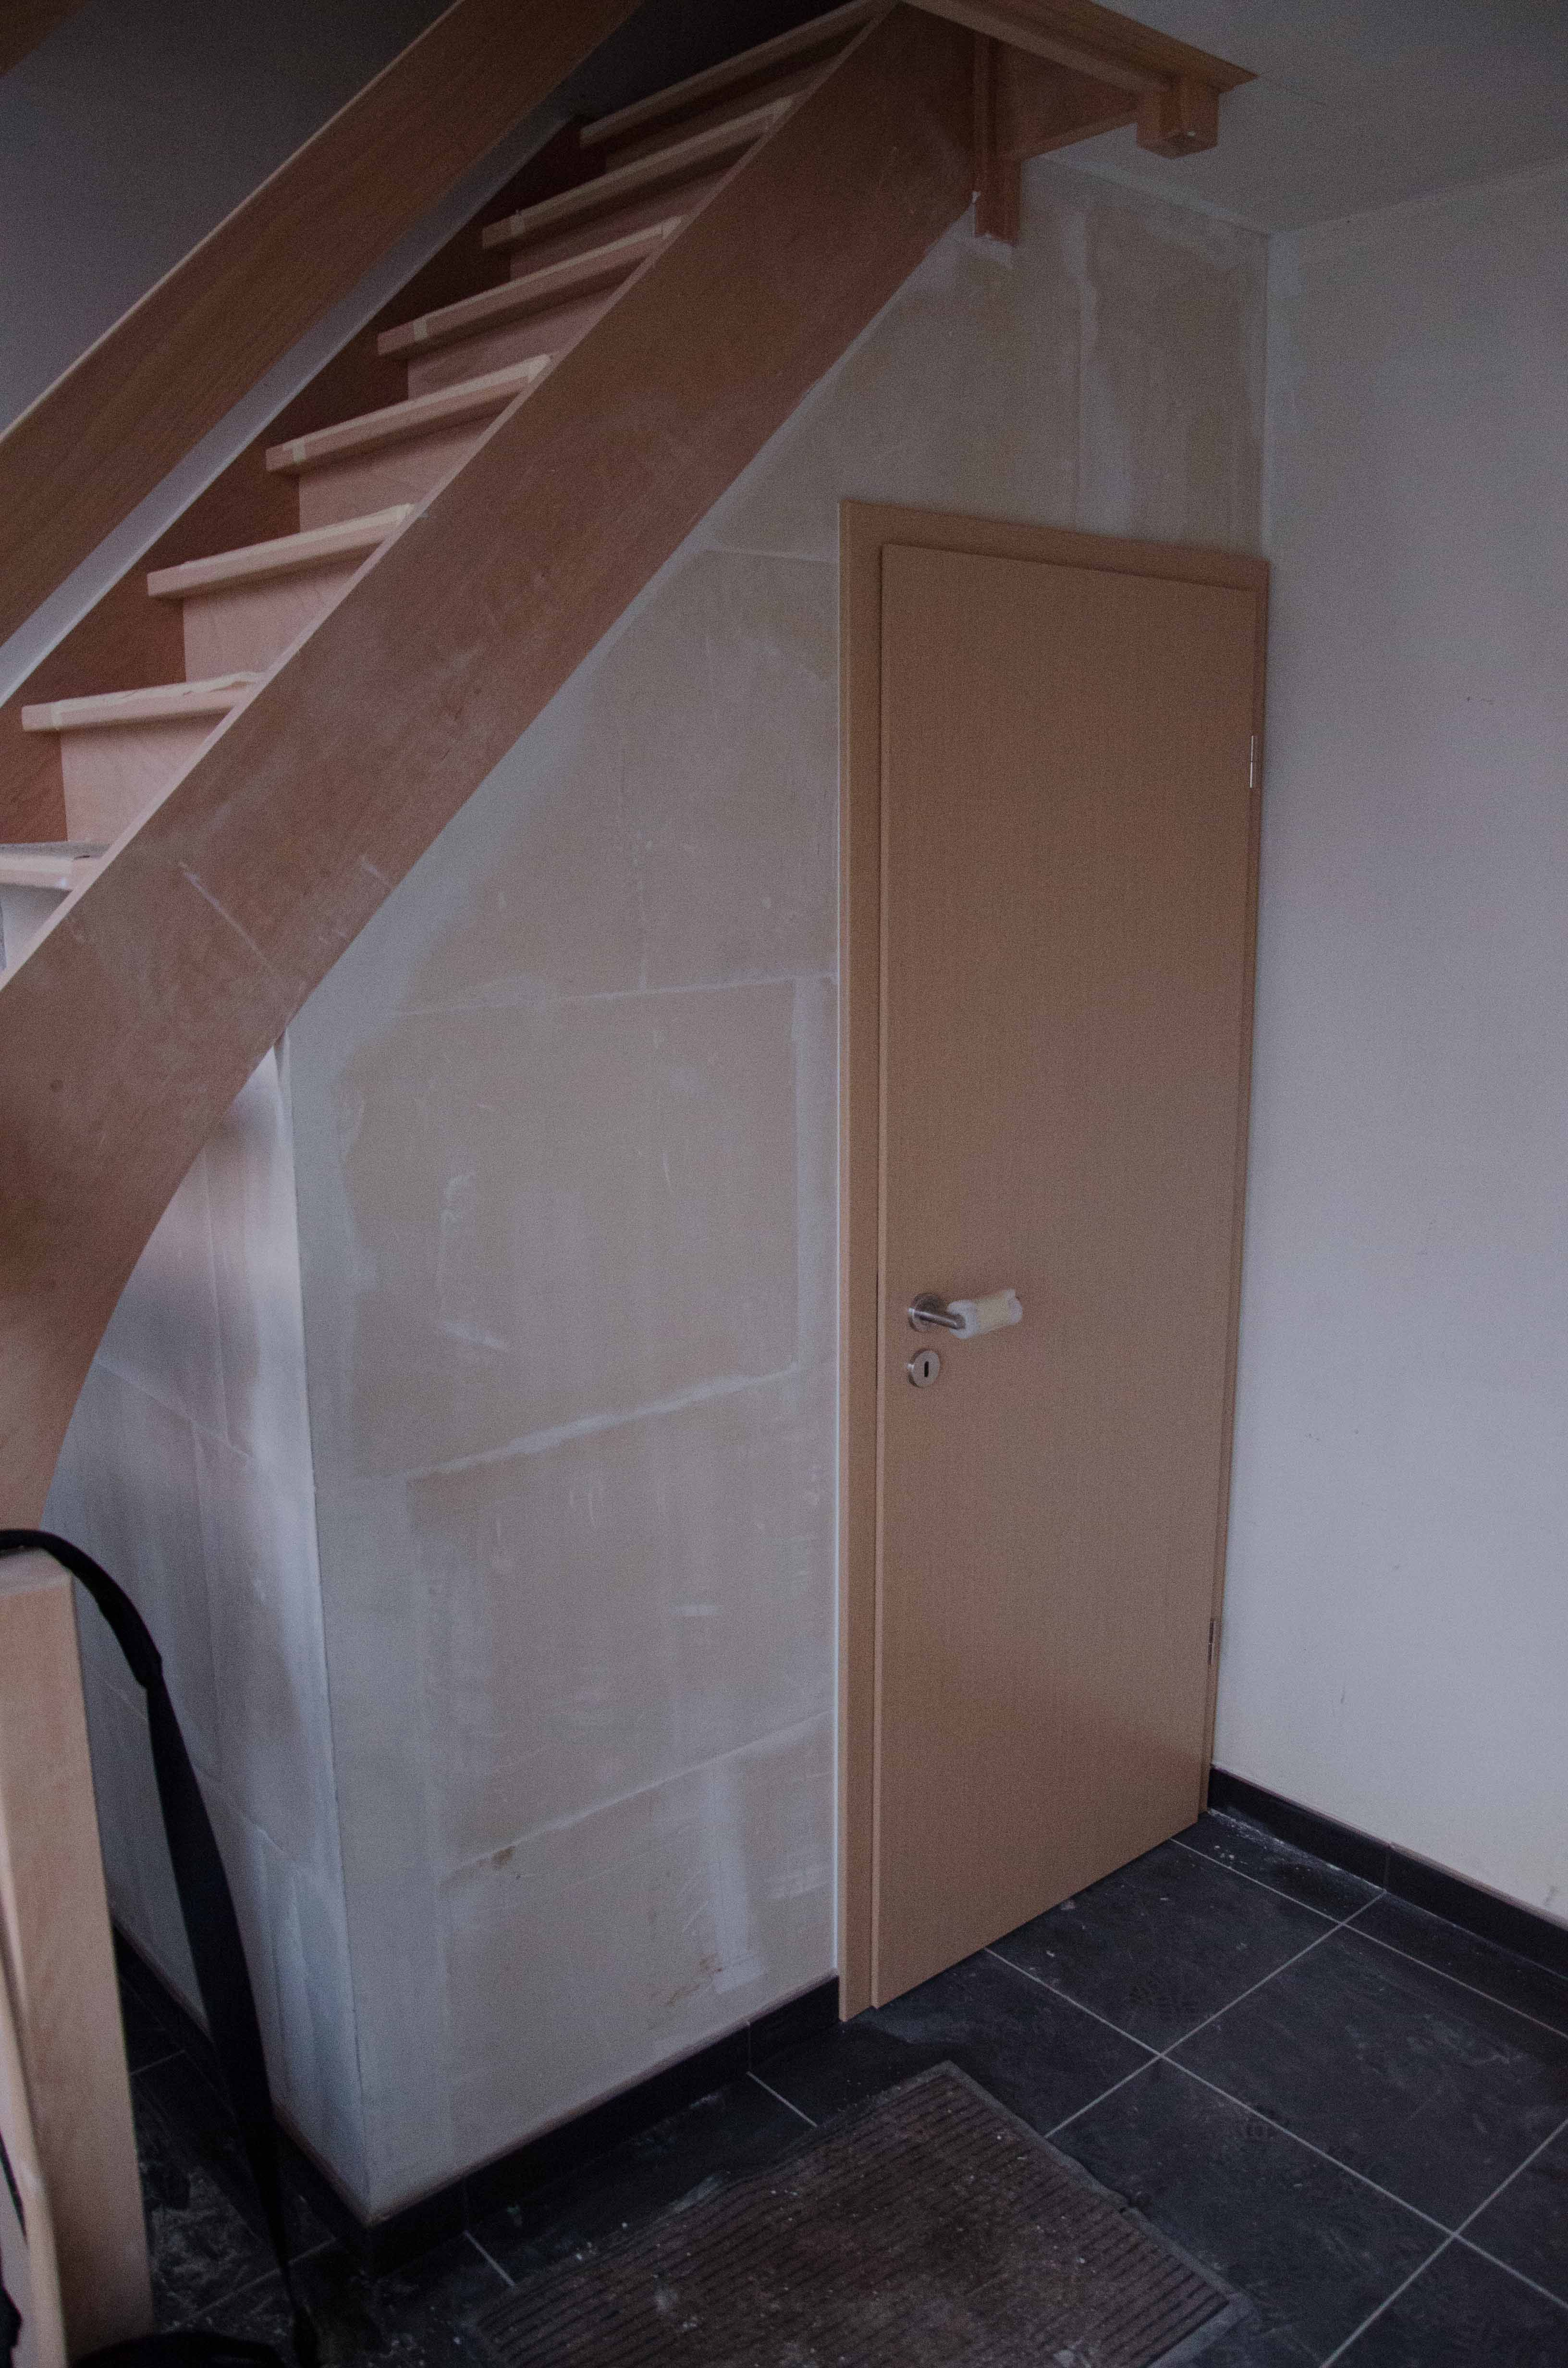 Toilettes Sous Escaliers - Recherche Google | Toilettes intérieur Placard De Toilette